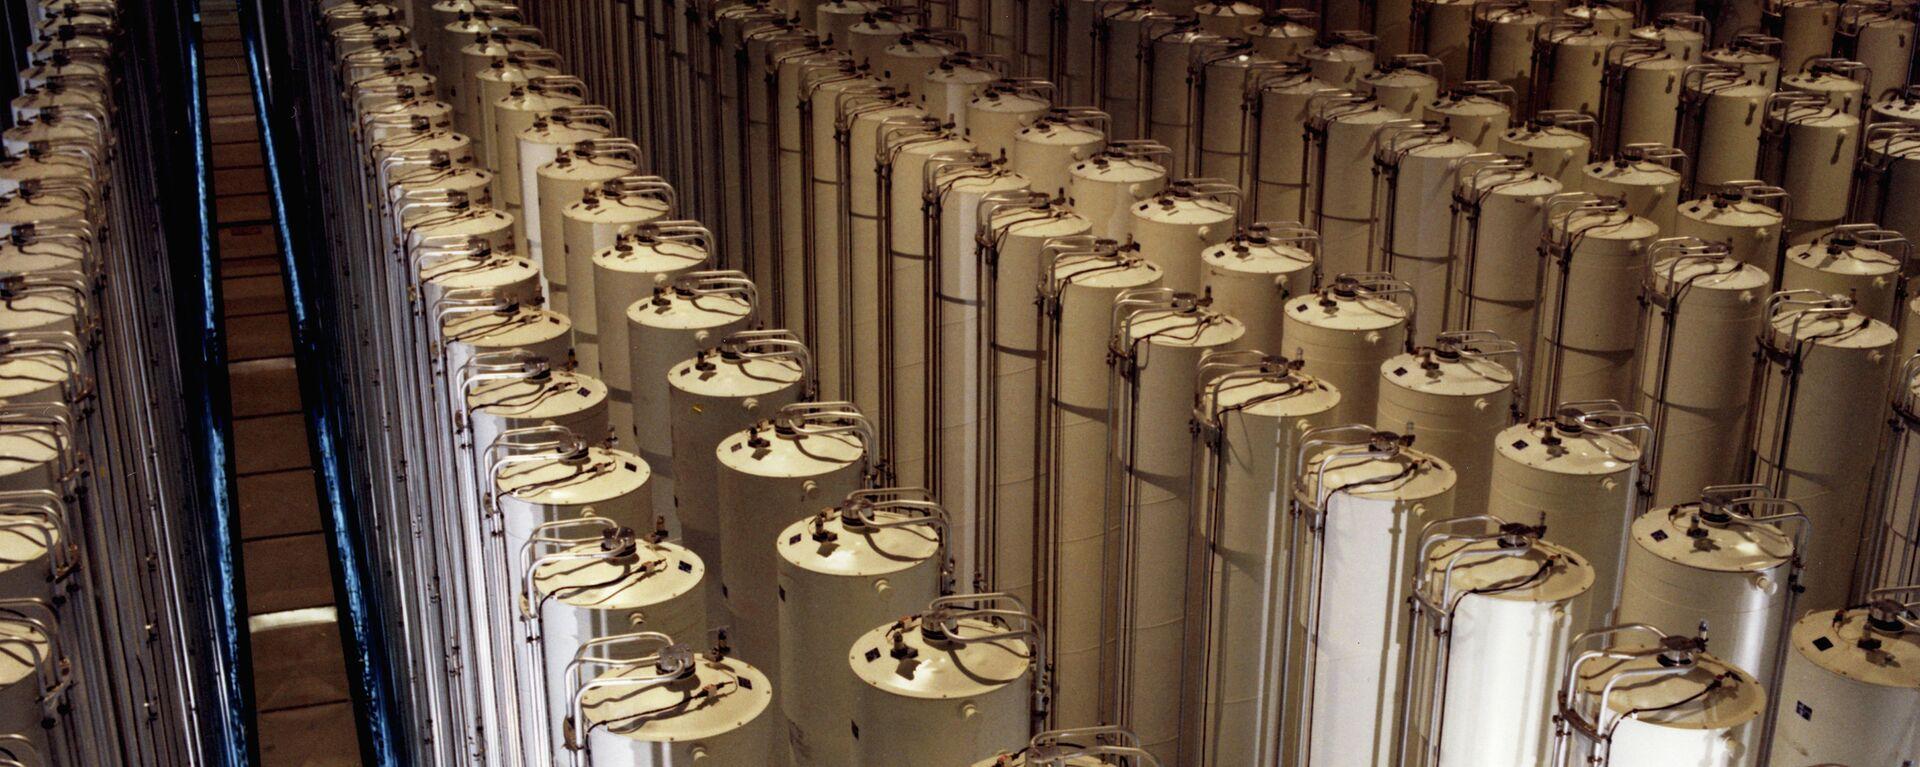 Centrifugadoras de gas para enriquecimiento de uranio (Archivo) - Sputnik Mundo, 1920, 30.03.2021